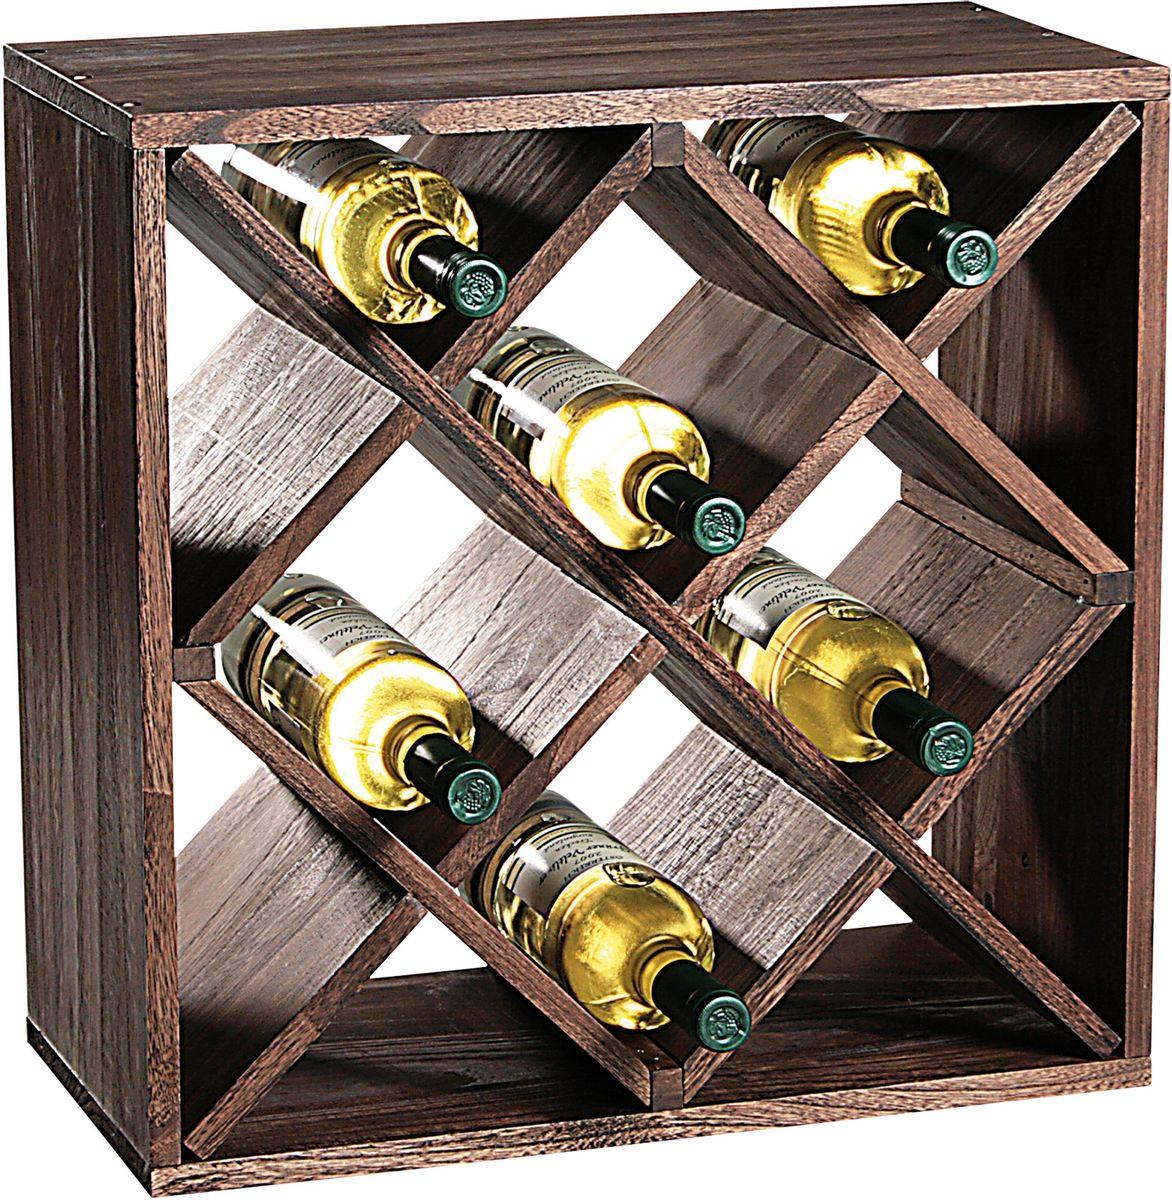 Подставка для бутылок Kesper, 50 х 50 х 25, дерево. 6924-4 набор инструмента selta 6924